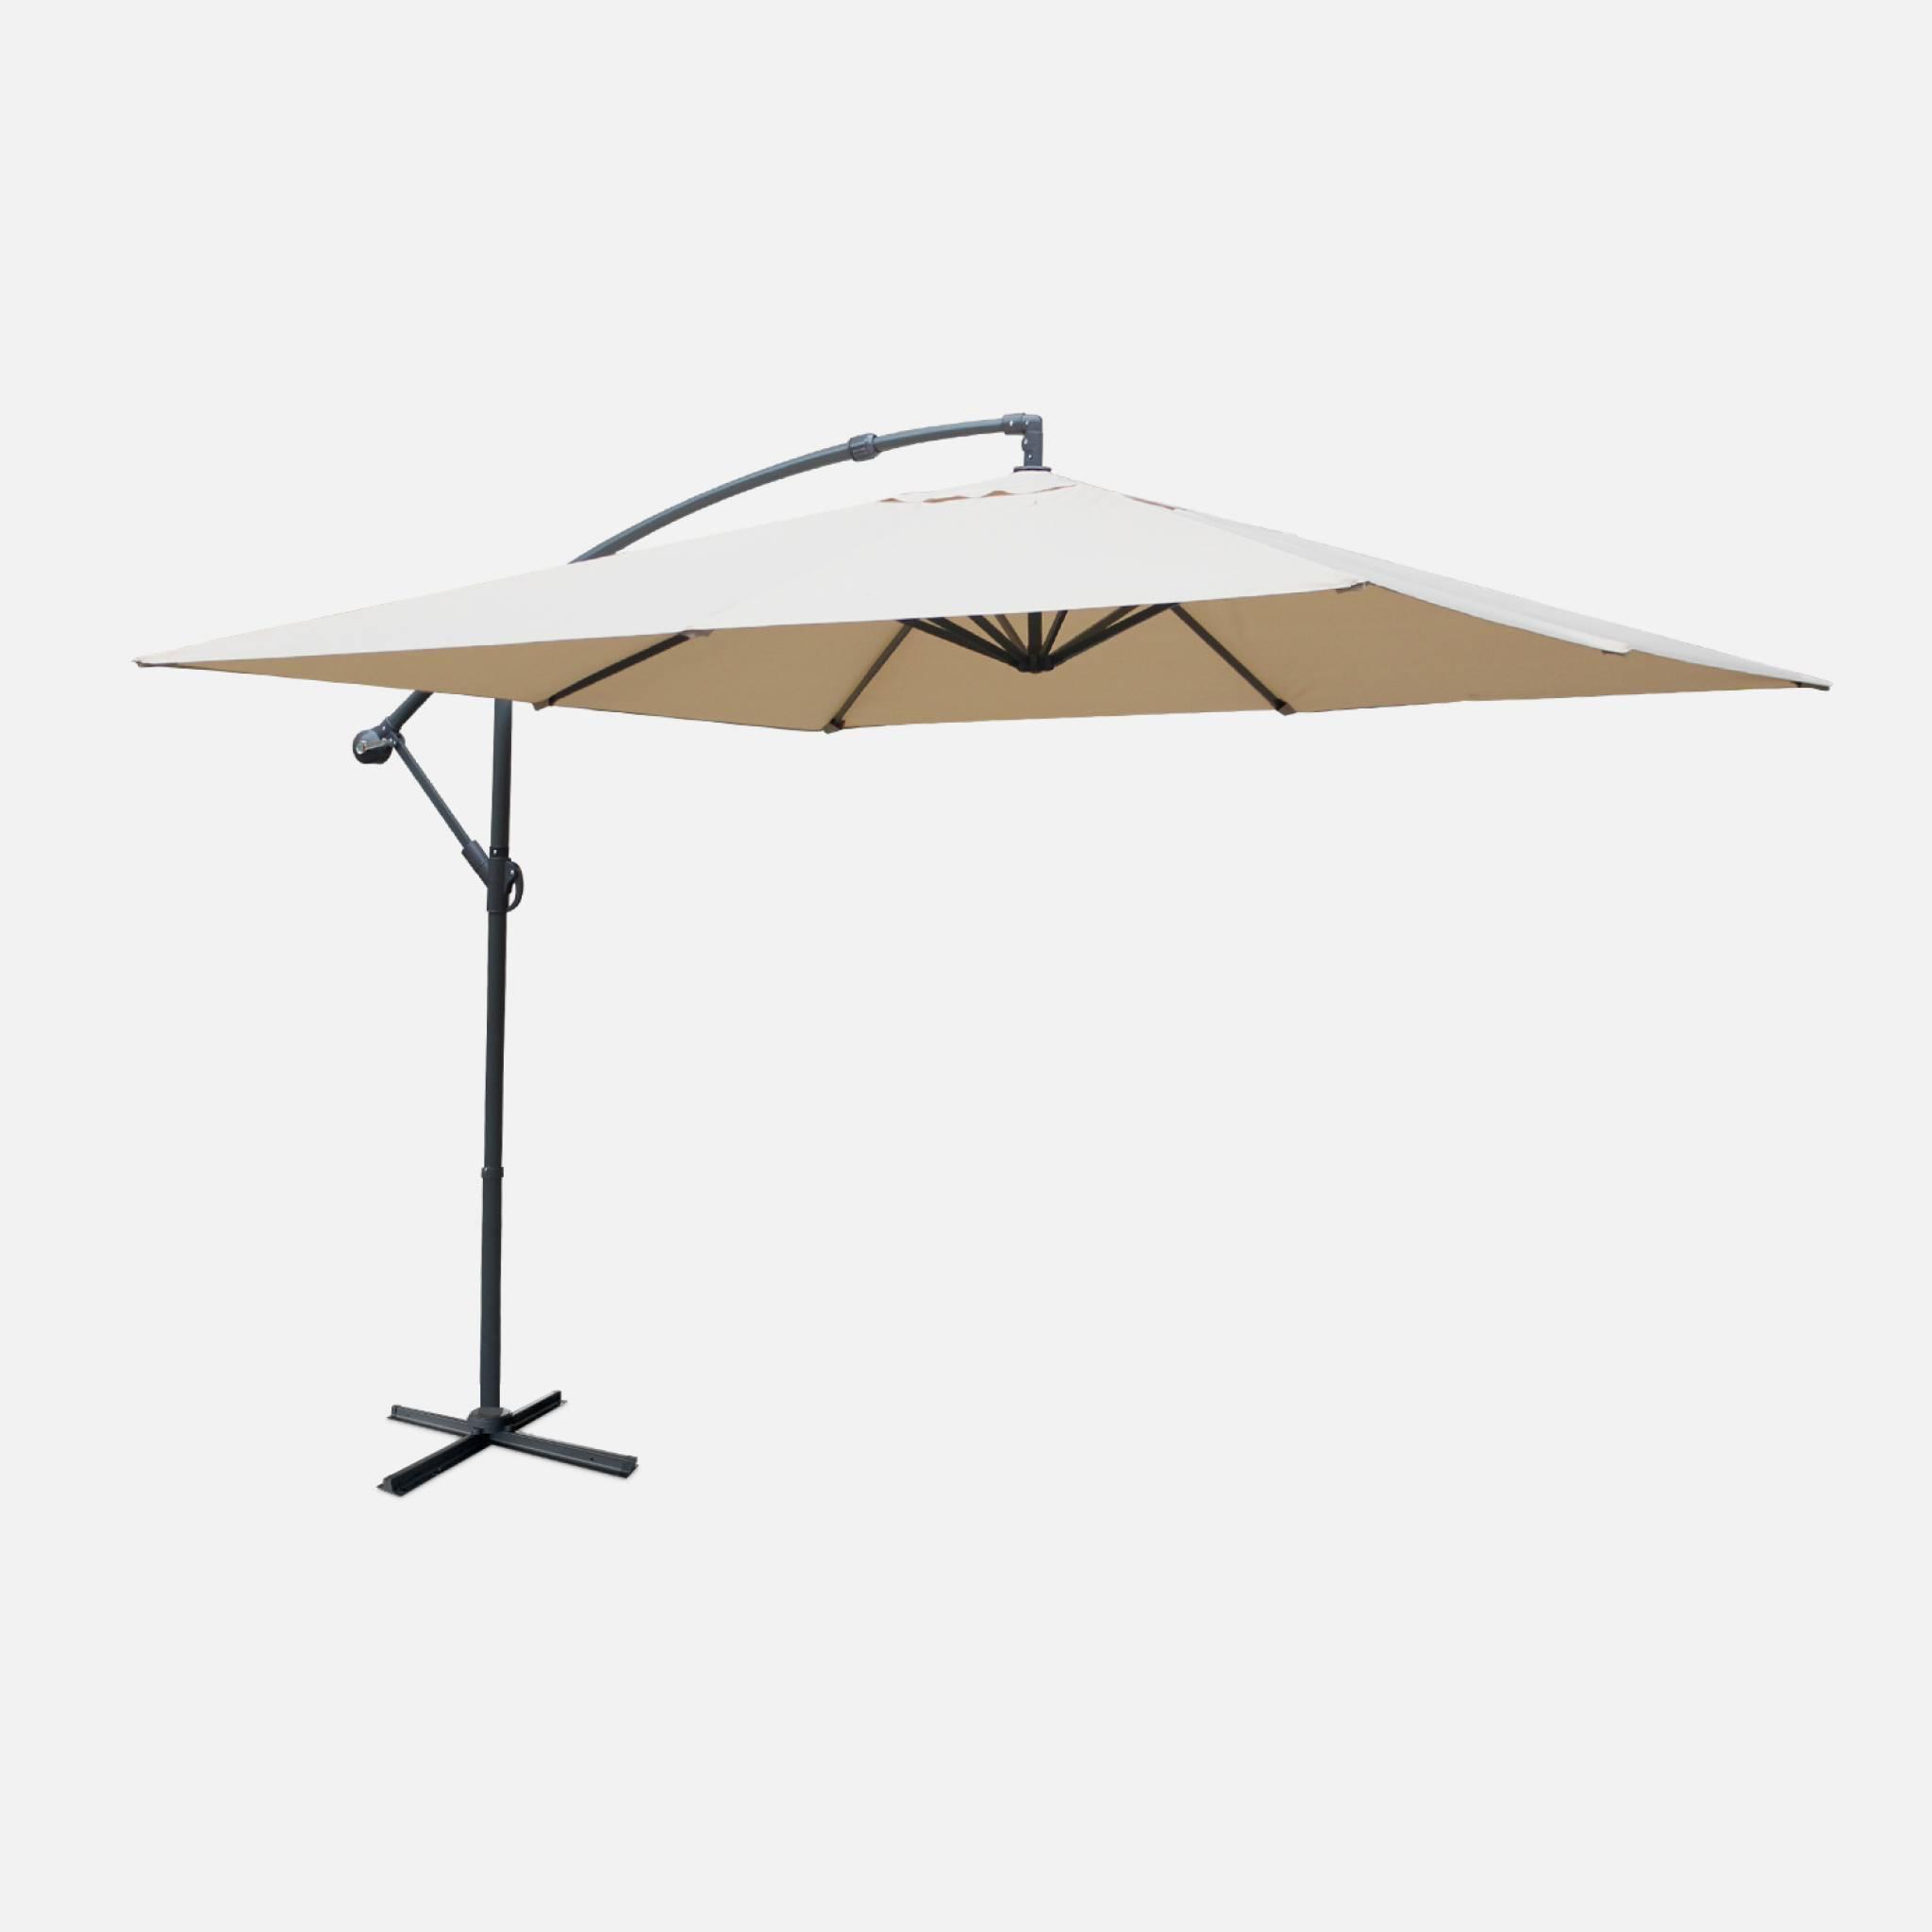 Parasol déporté carré 3x3m beige mat excentré